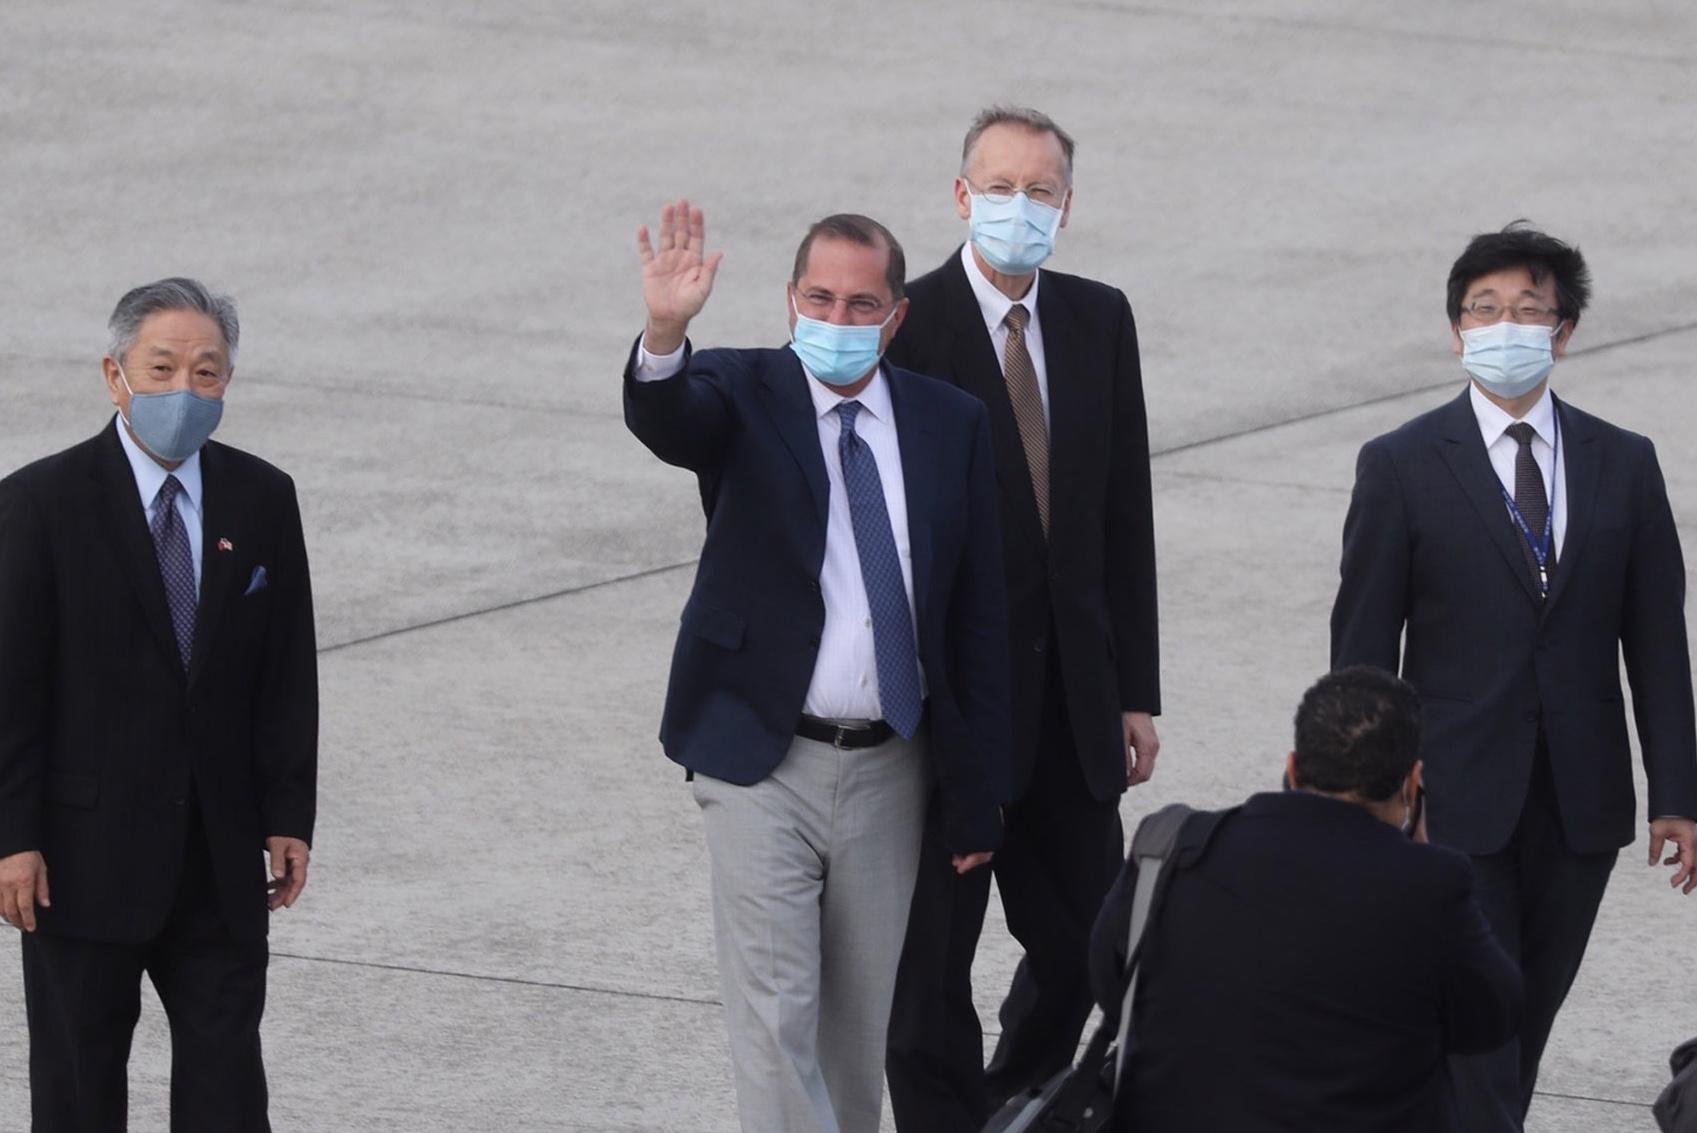 周曉輝:美衛生部長訪台 北京擔憂一事要發生